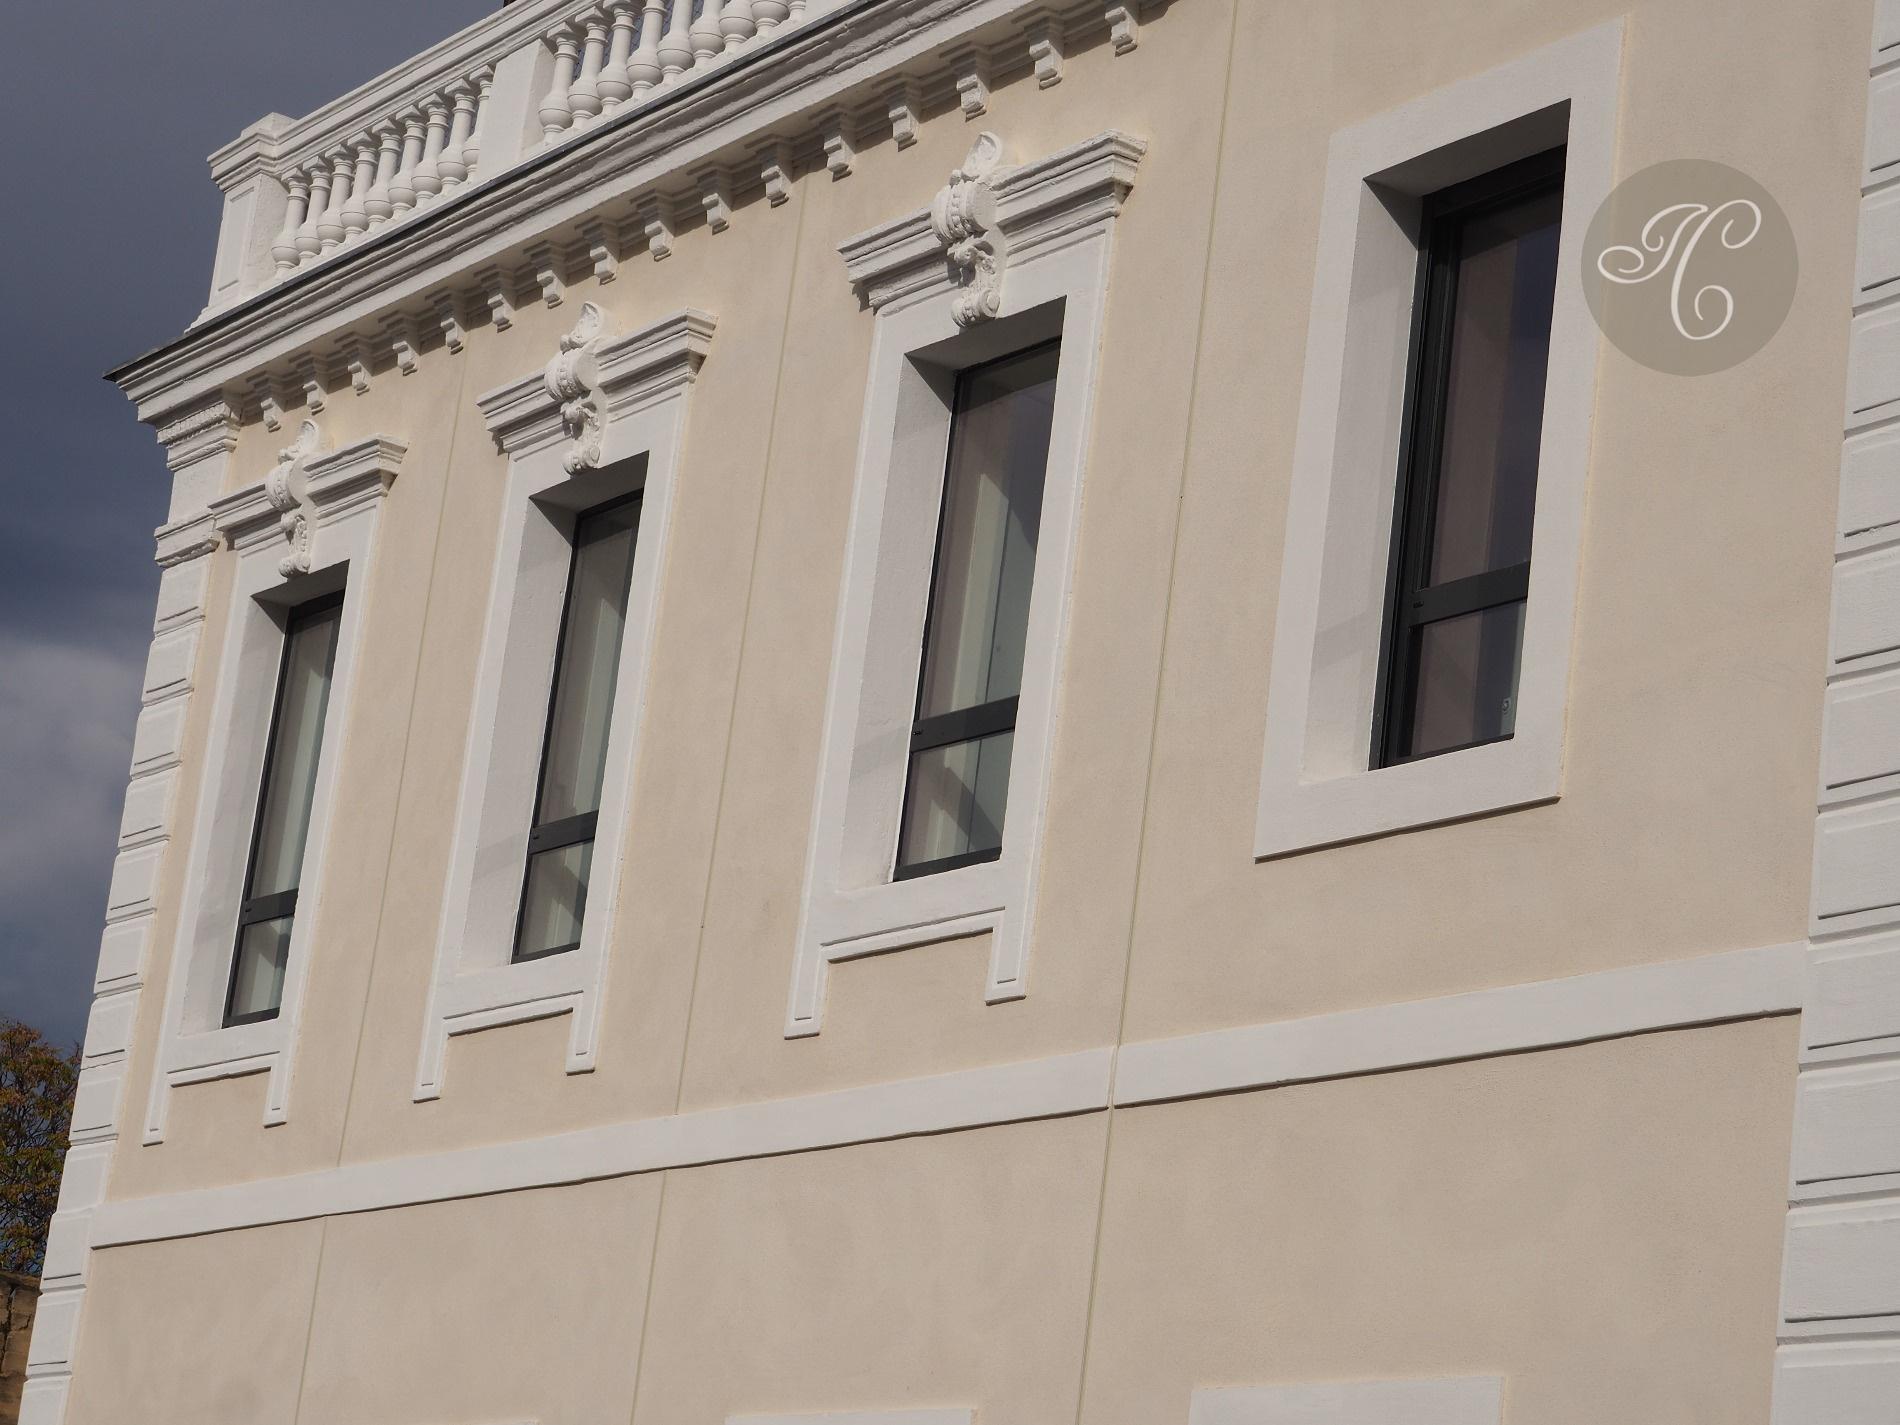 les fenêtres du salon   chambre sur la facade de l'immeuble